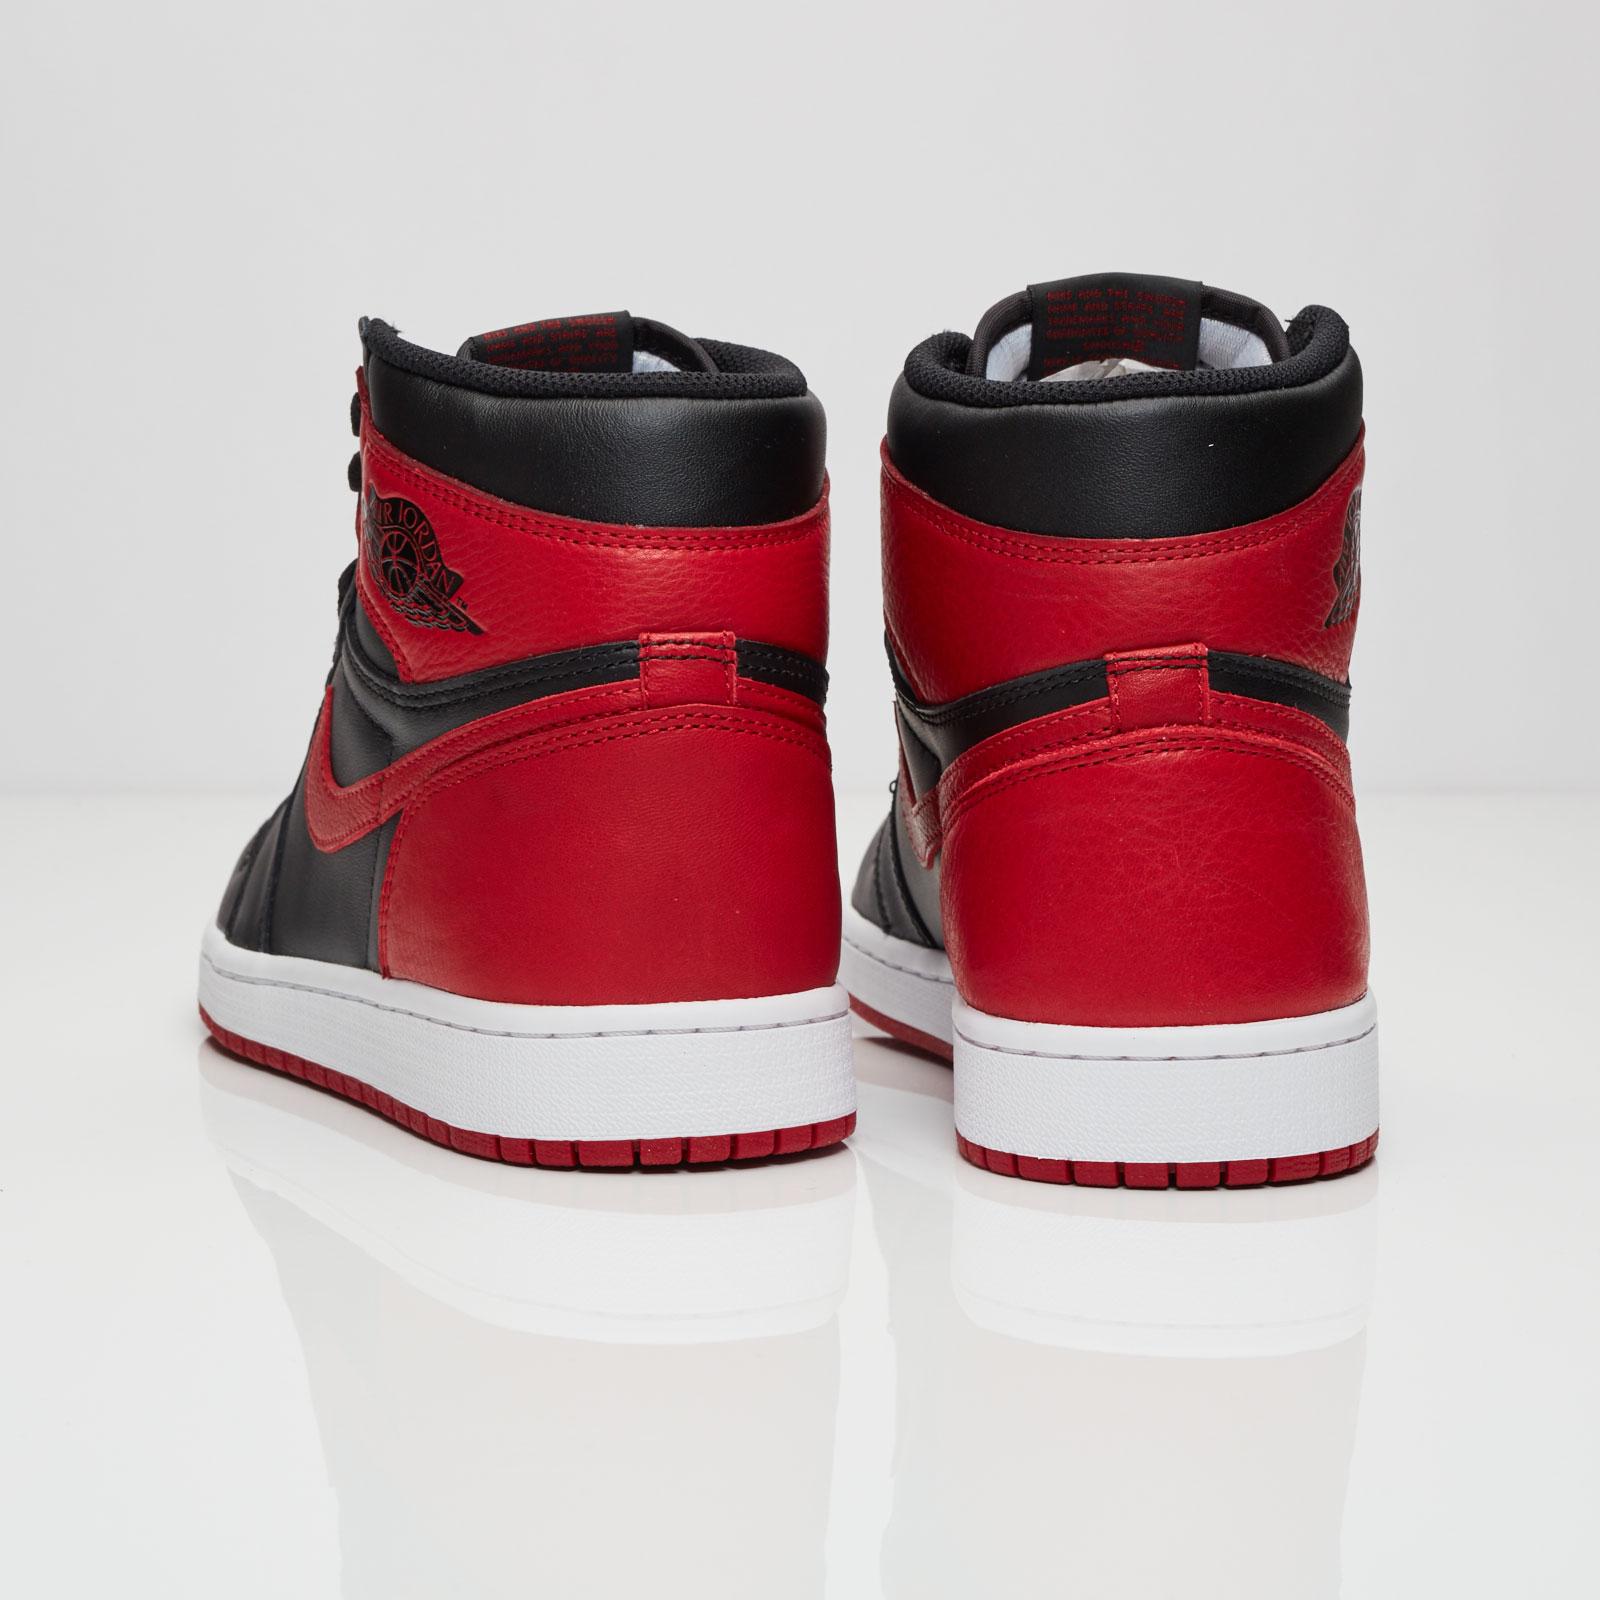 912dd4b6bf4 Jordan Brand Air Jordan 1 Retro High OG - 555088-001 - Sneakersnstuff |  sneakers & streetwear online since 1999